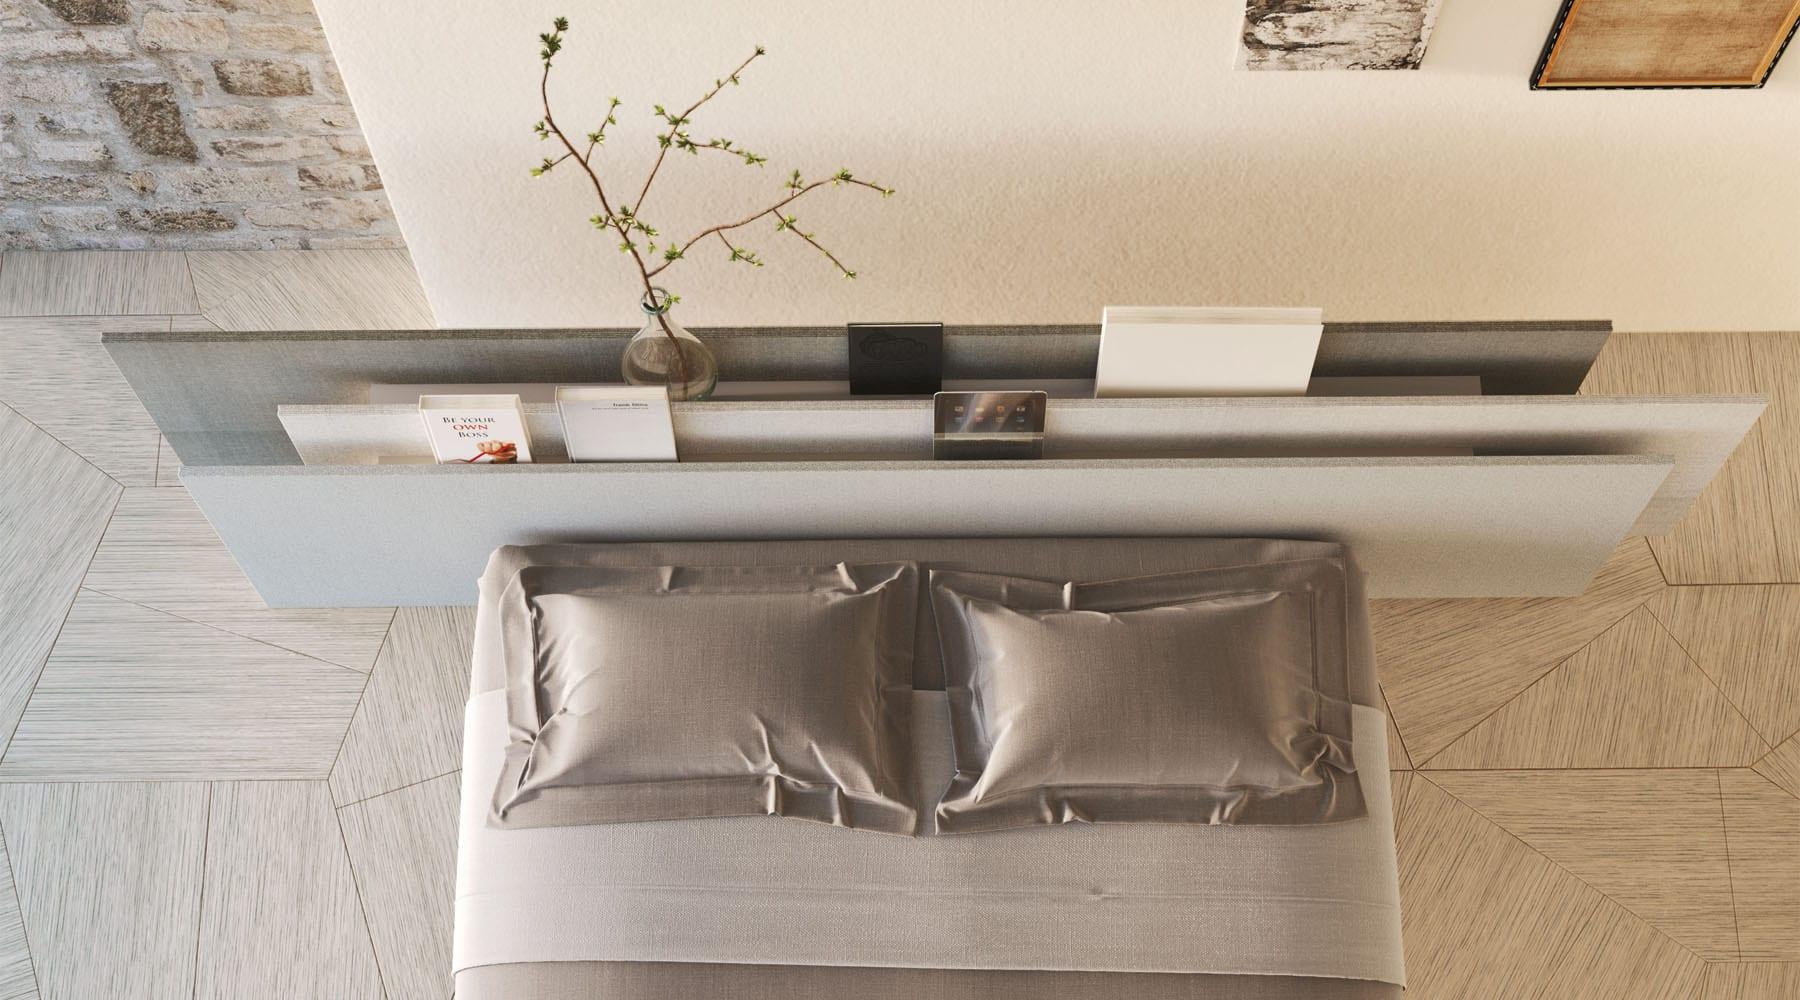 moderne schlafzimmer konzepte mit holzbodenbelag und coole Bett deko idee